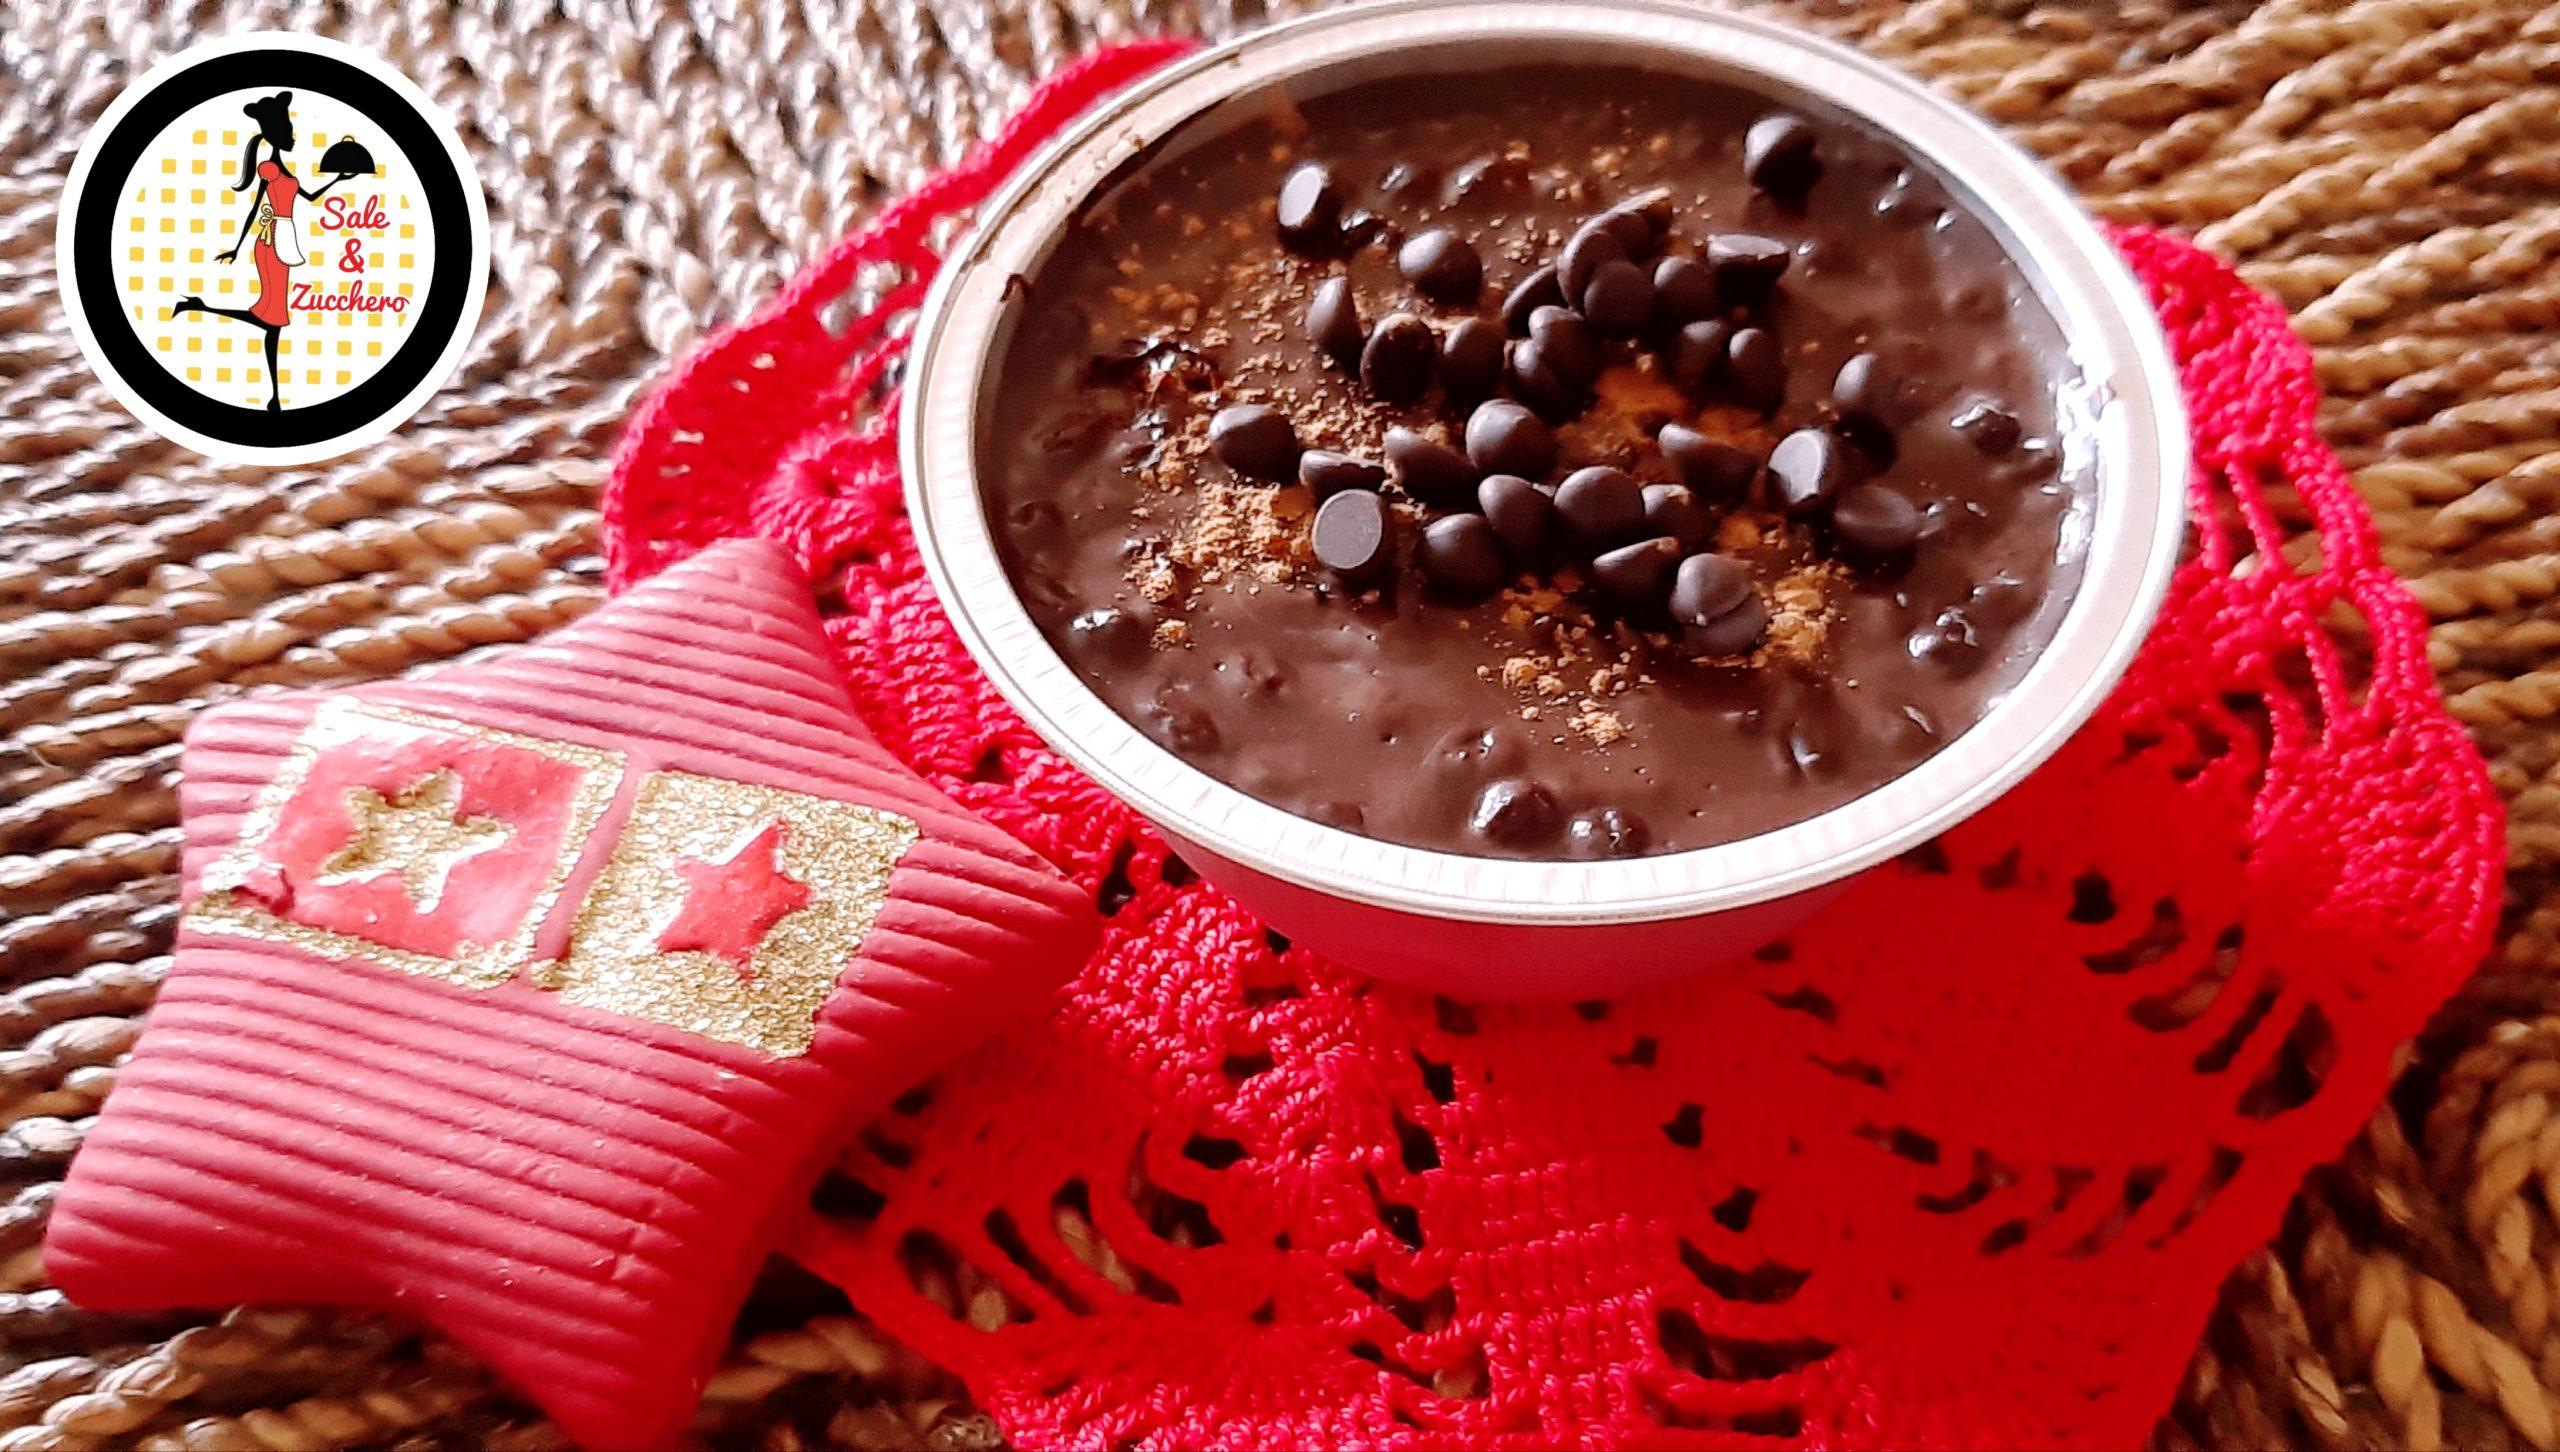 cuccia al cioccolato